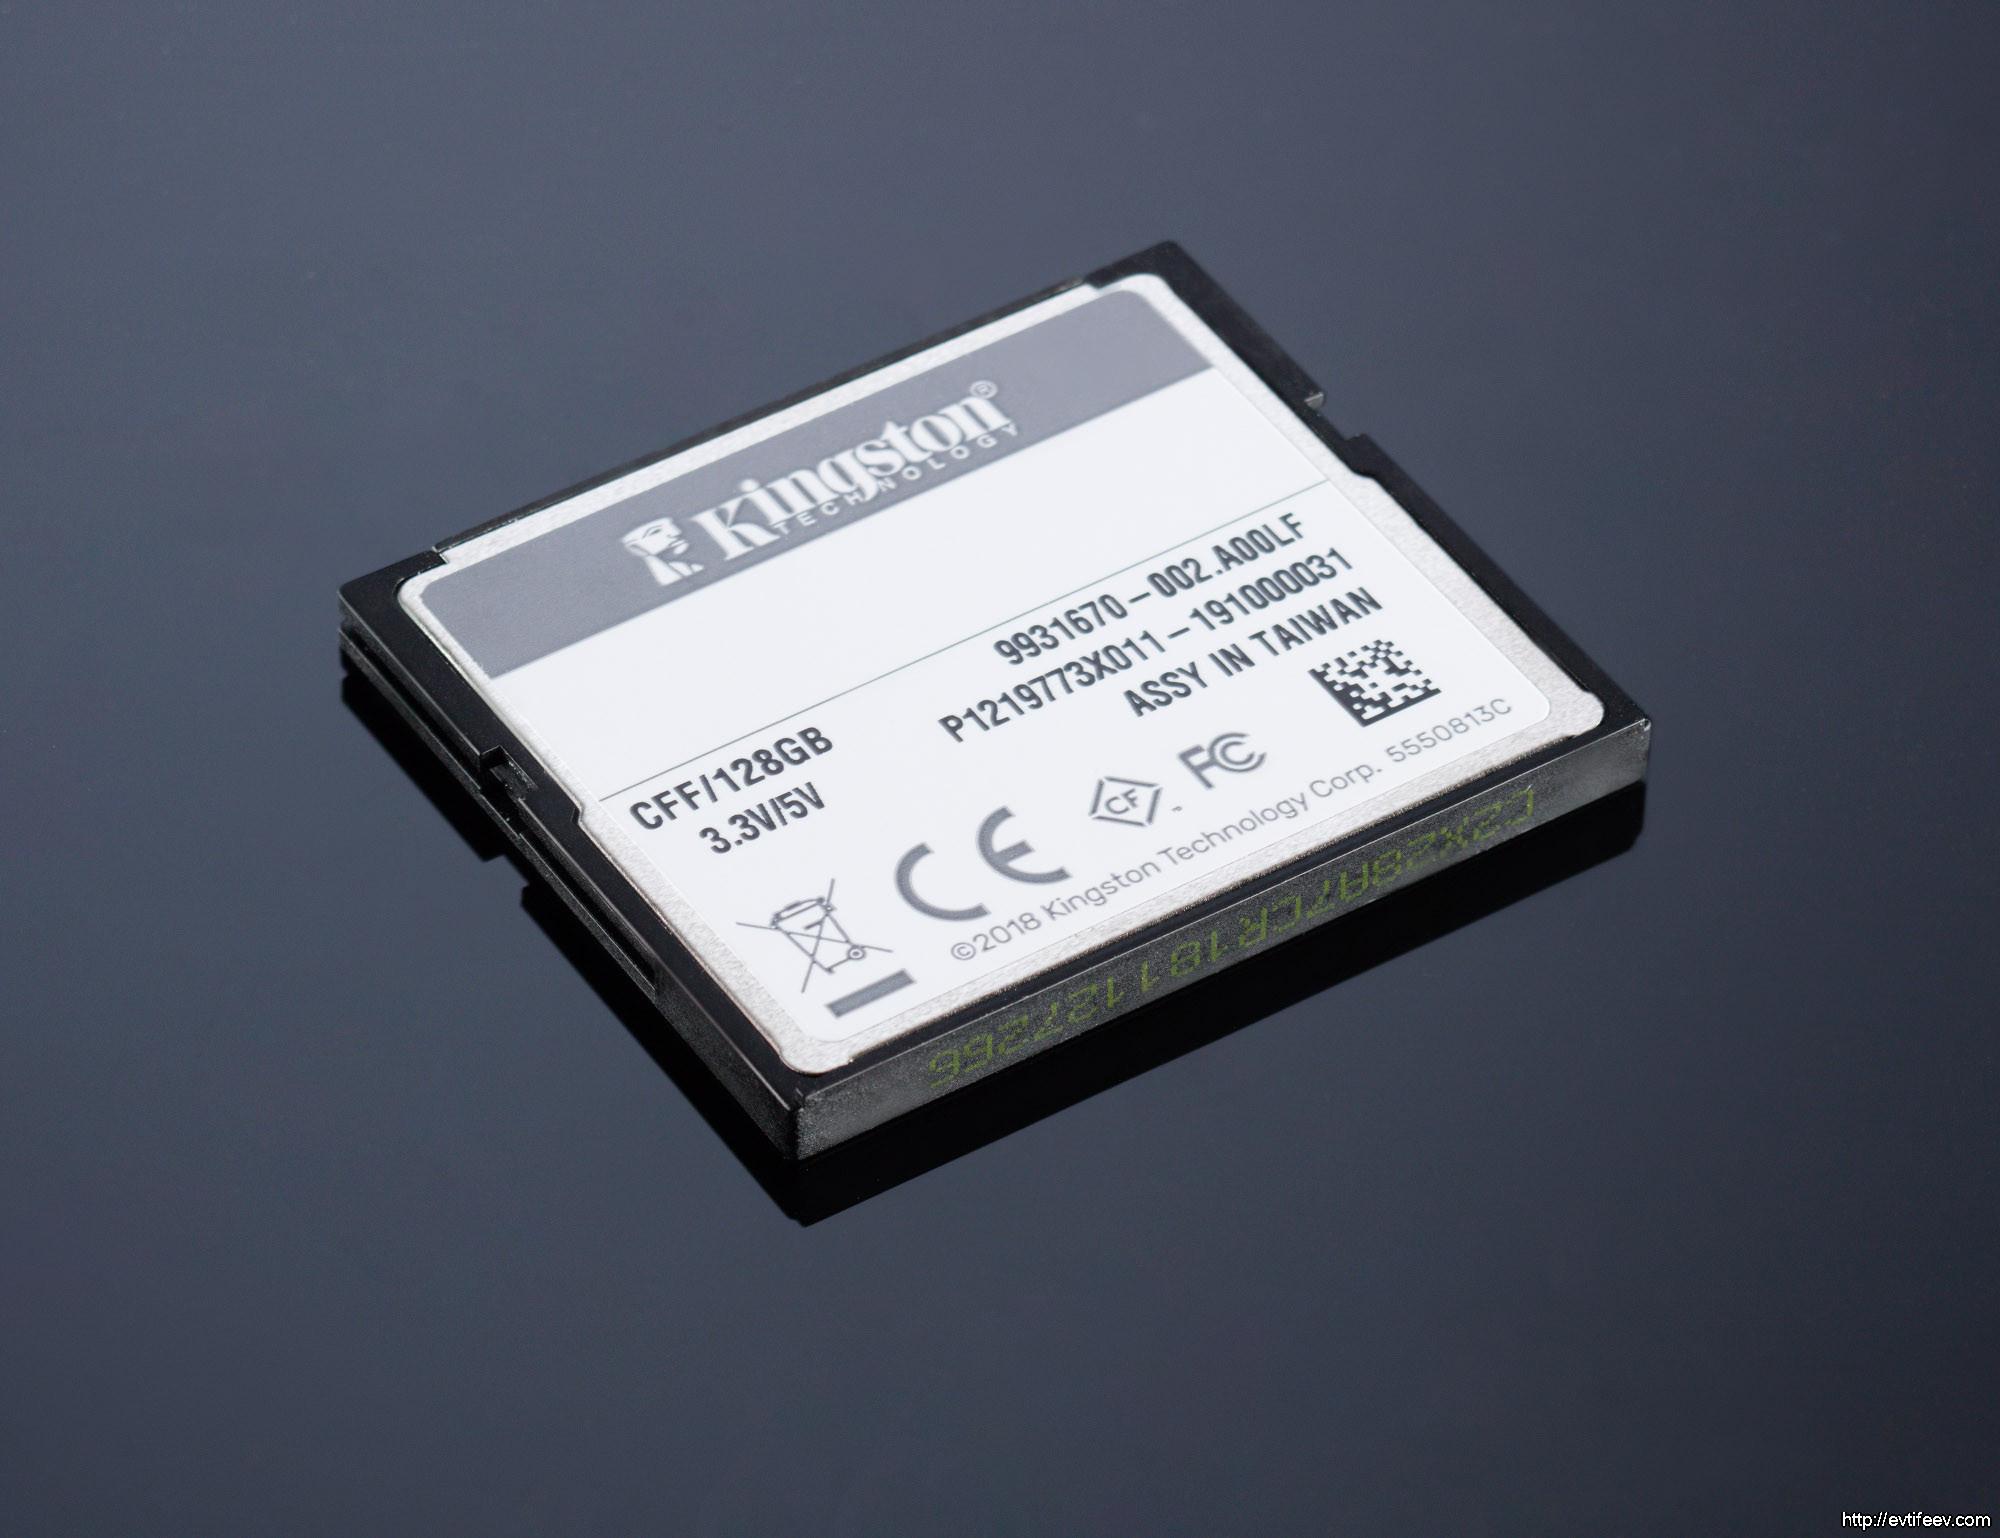 Обзор карт памяти для фотографа на примере Kingston Canvas Focus CompactFlash